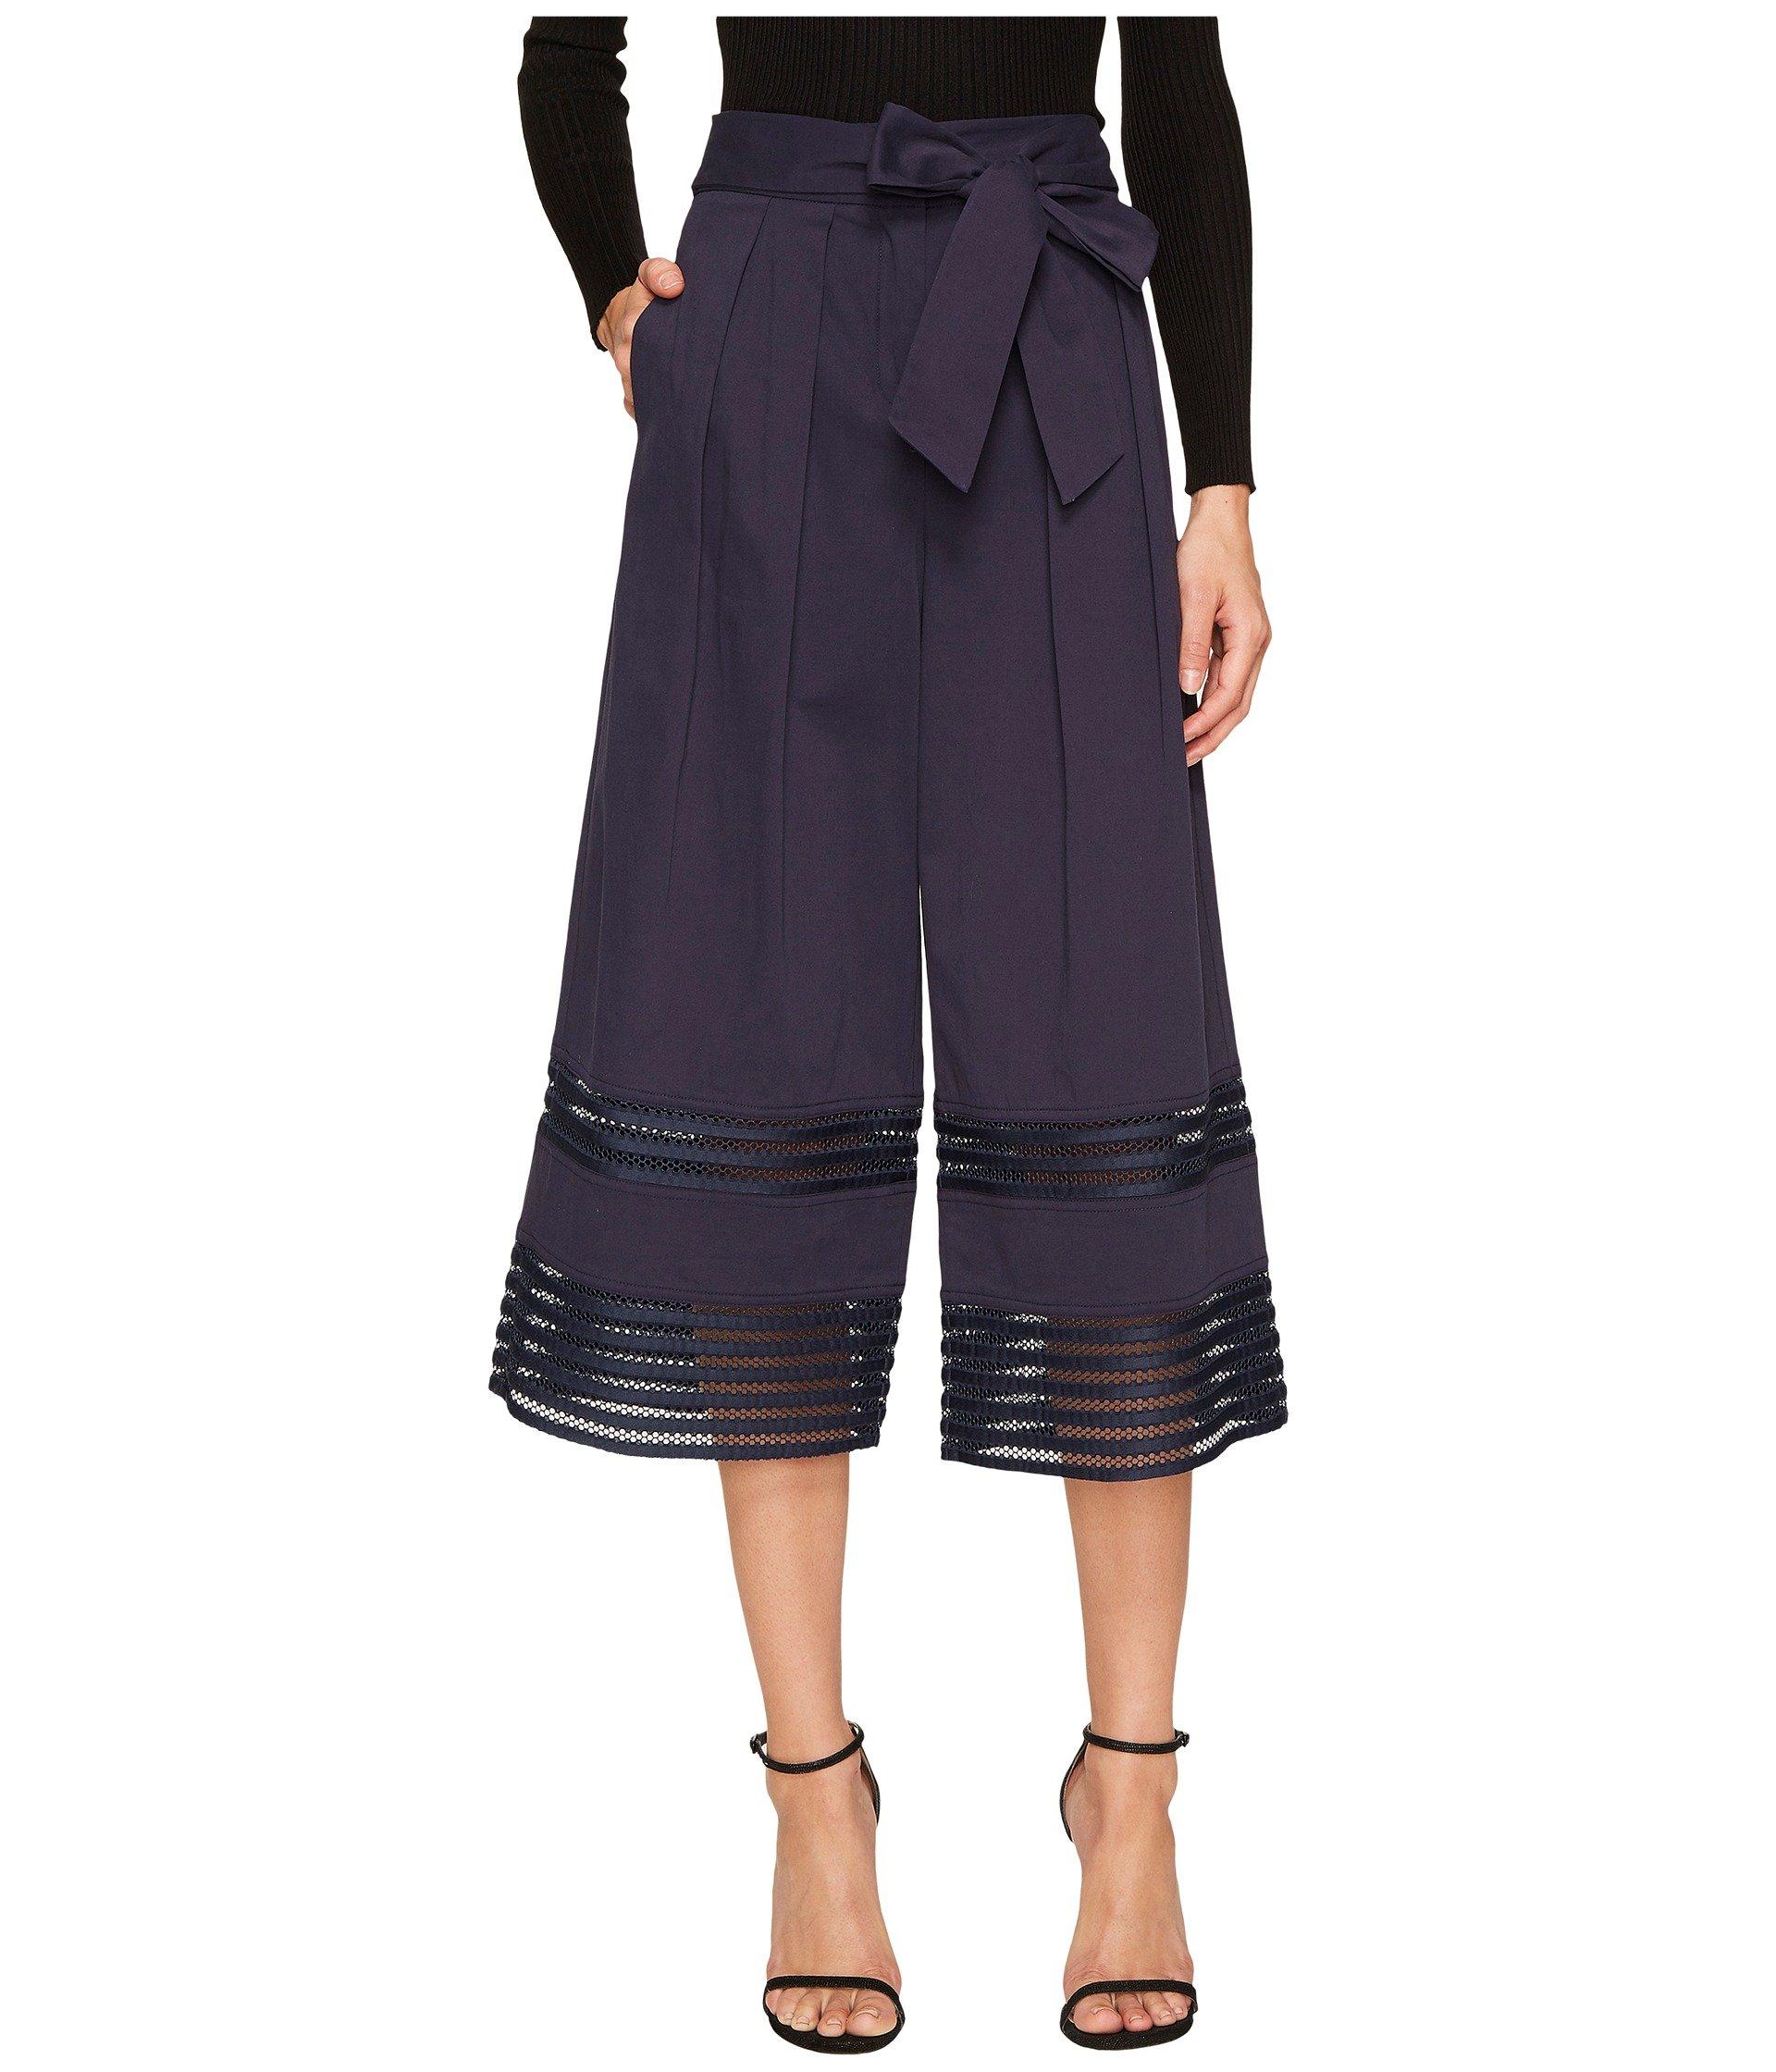 Pantalón para Mujer ZAC Zac Posen Fia Culotte  + ZAC Zac Posen en VeoyCompro.net